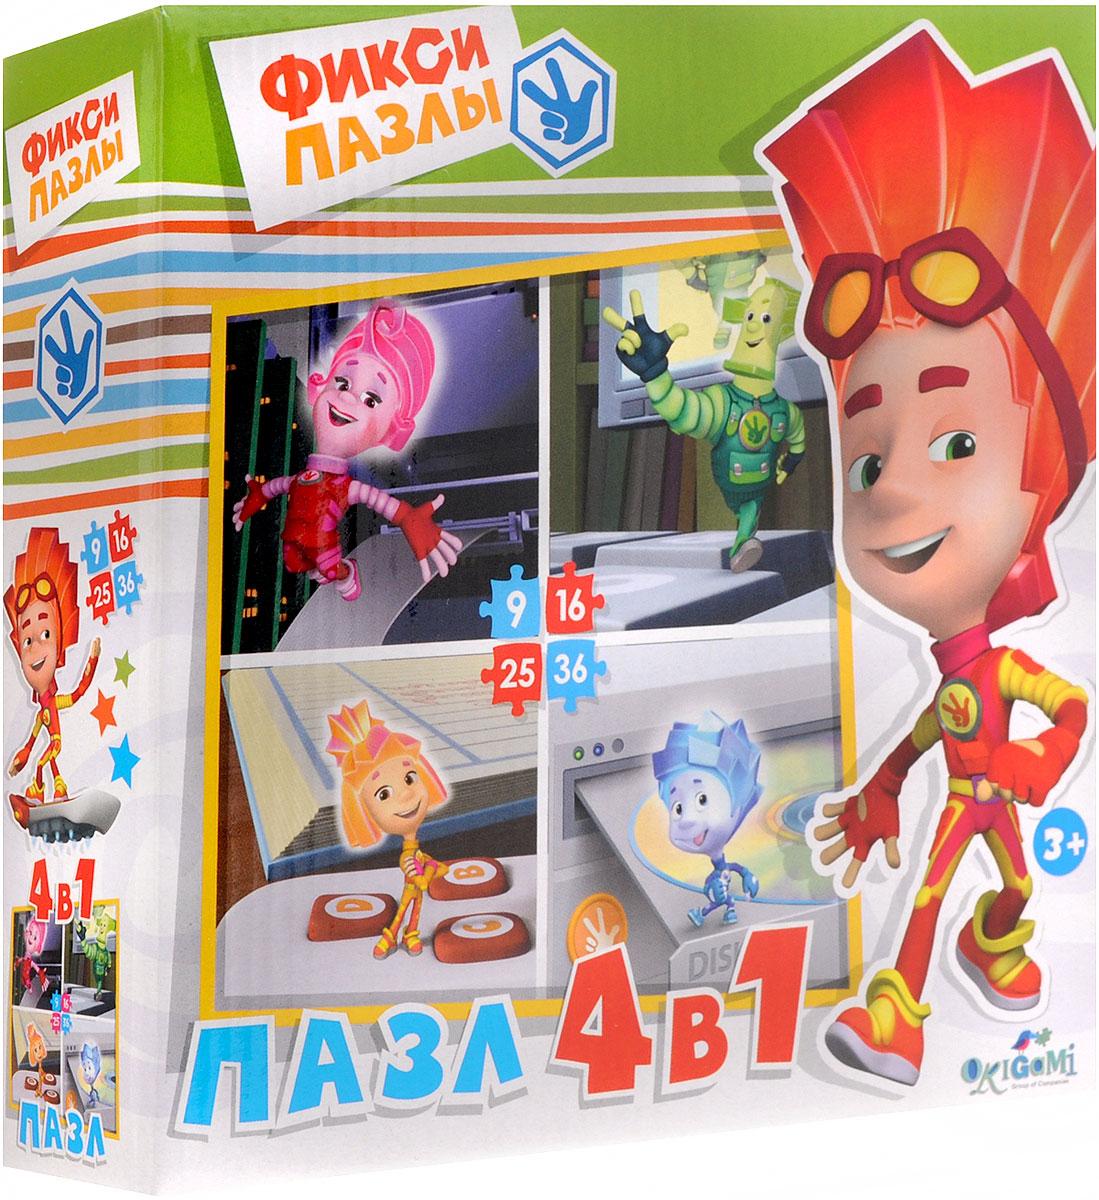 Оригами Пазл для малышей Фиксики 4 в 1 12551 learning journey пазл для малышей озорные фигуры 4 в 1